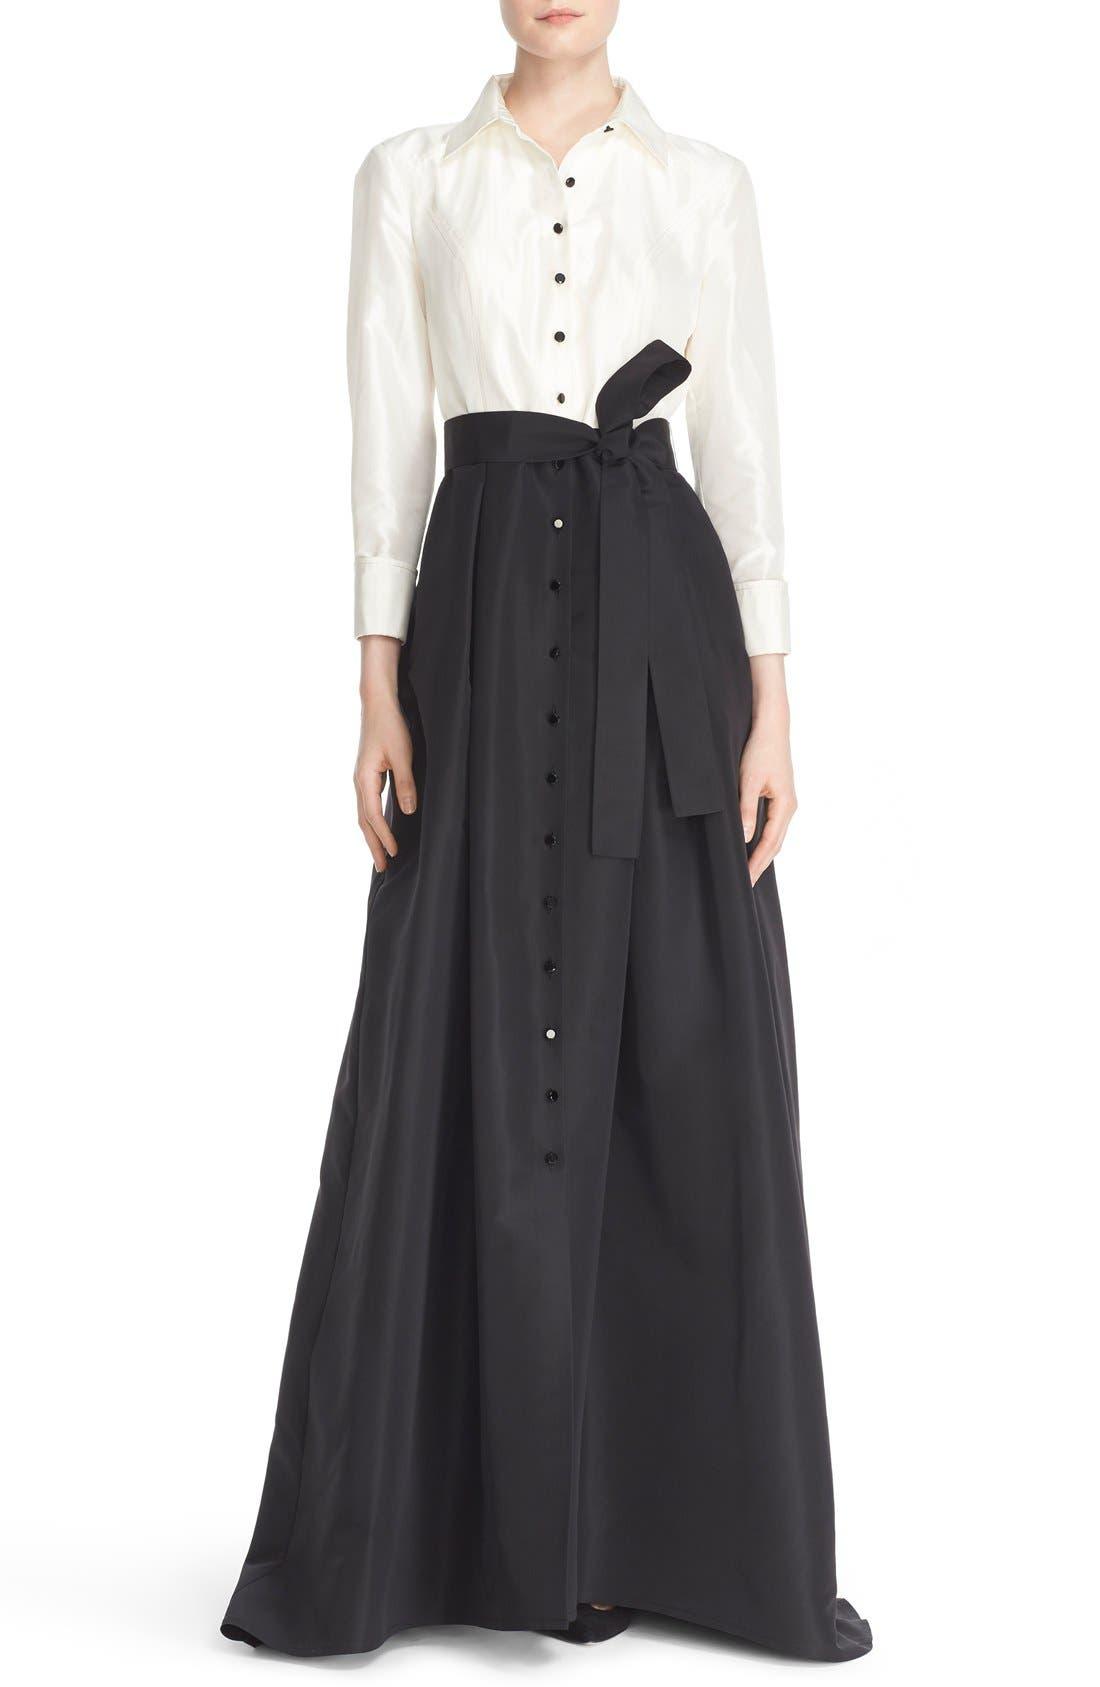 Main Image - Carolina Herrera Silk Taffeta Trench Gown